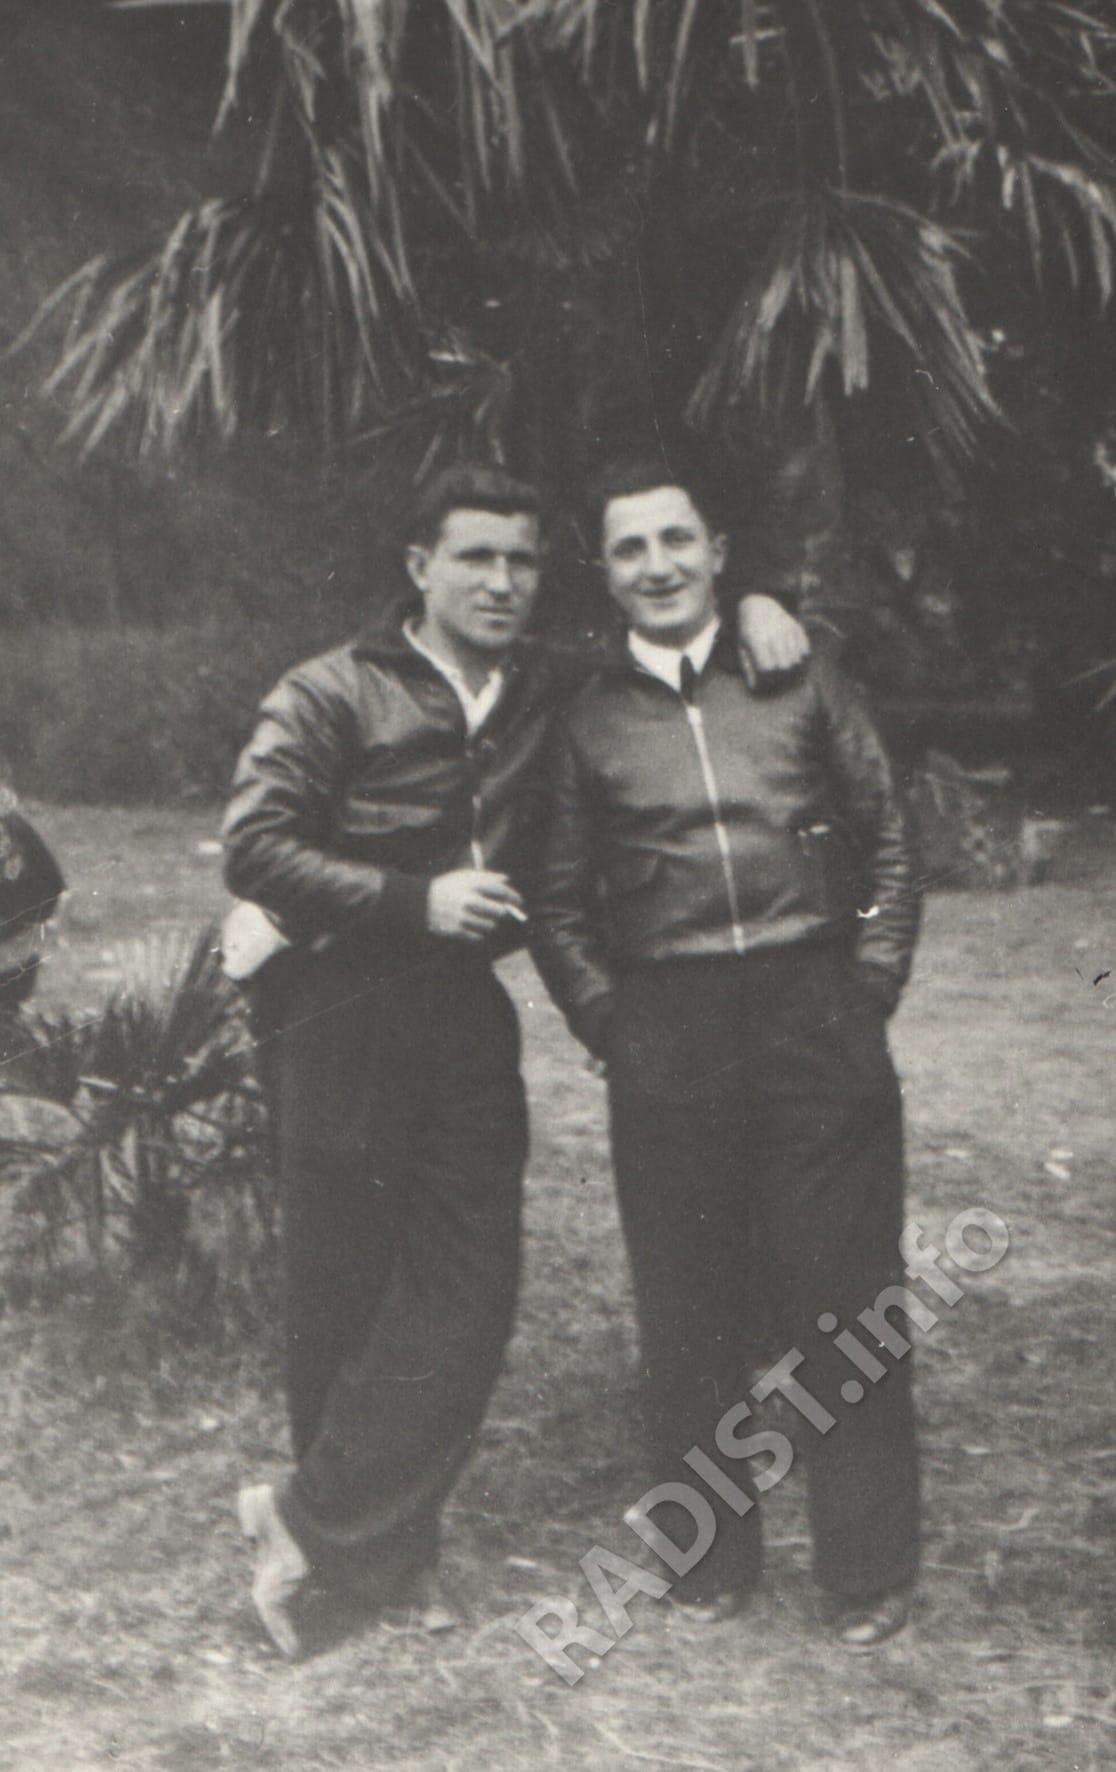 Советские добровольцы - техник-авиамоторист Григорий Соколов (в будущем летчик, Герой Советского Союза, погиб под Малоярославцем) и радист Яков Шульц. Испания, Альбасете, октябрь 1936 г.